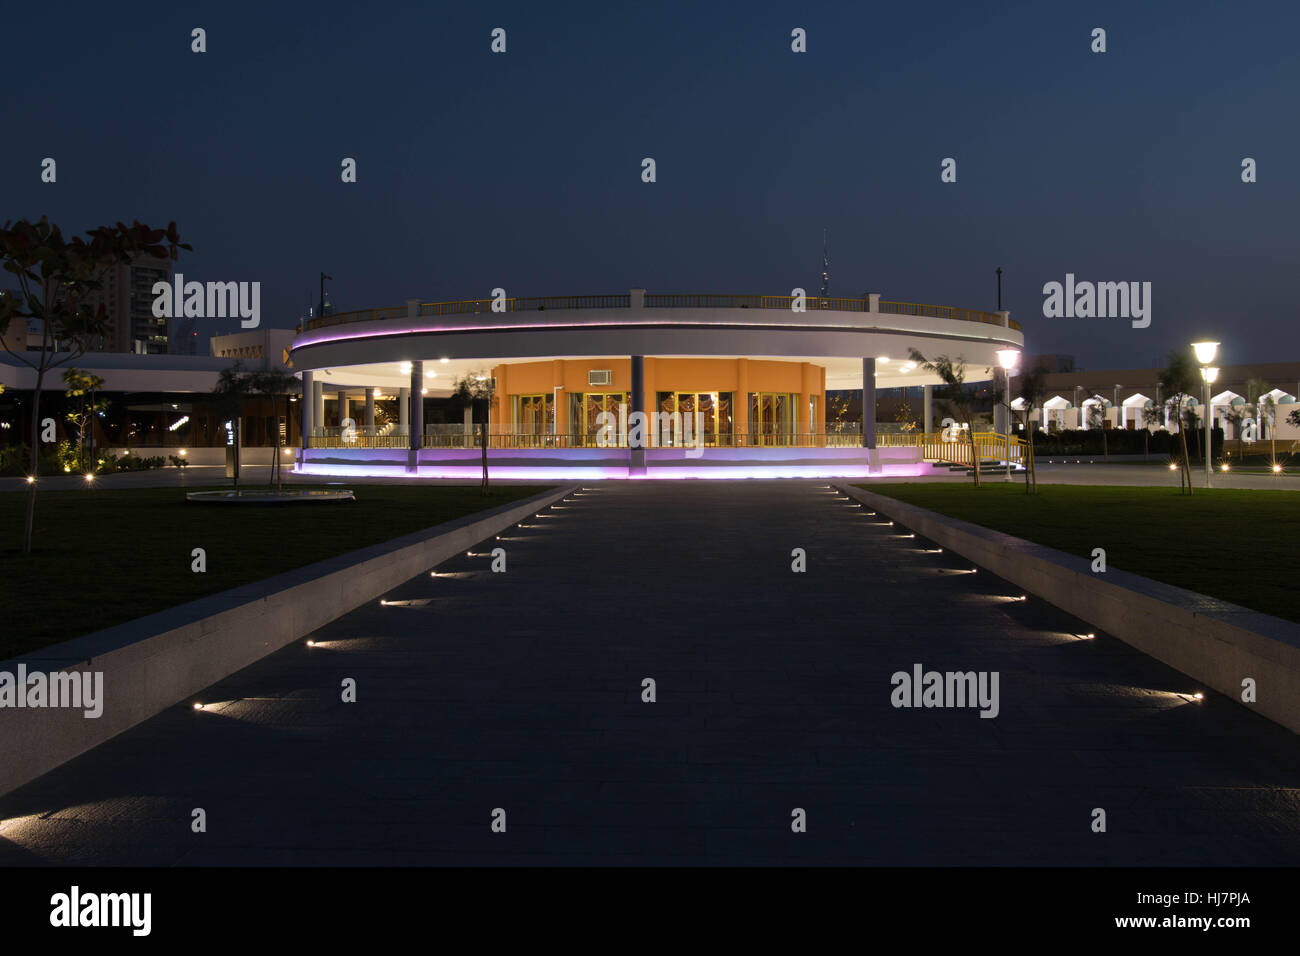 Etihad museum gardens at night Dubai - Stock Image